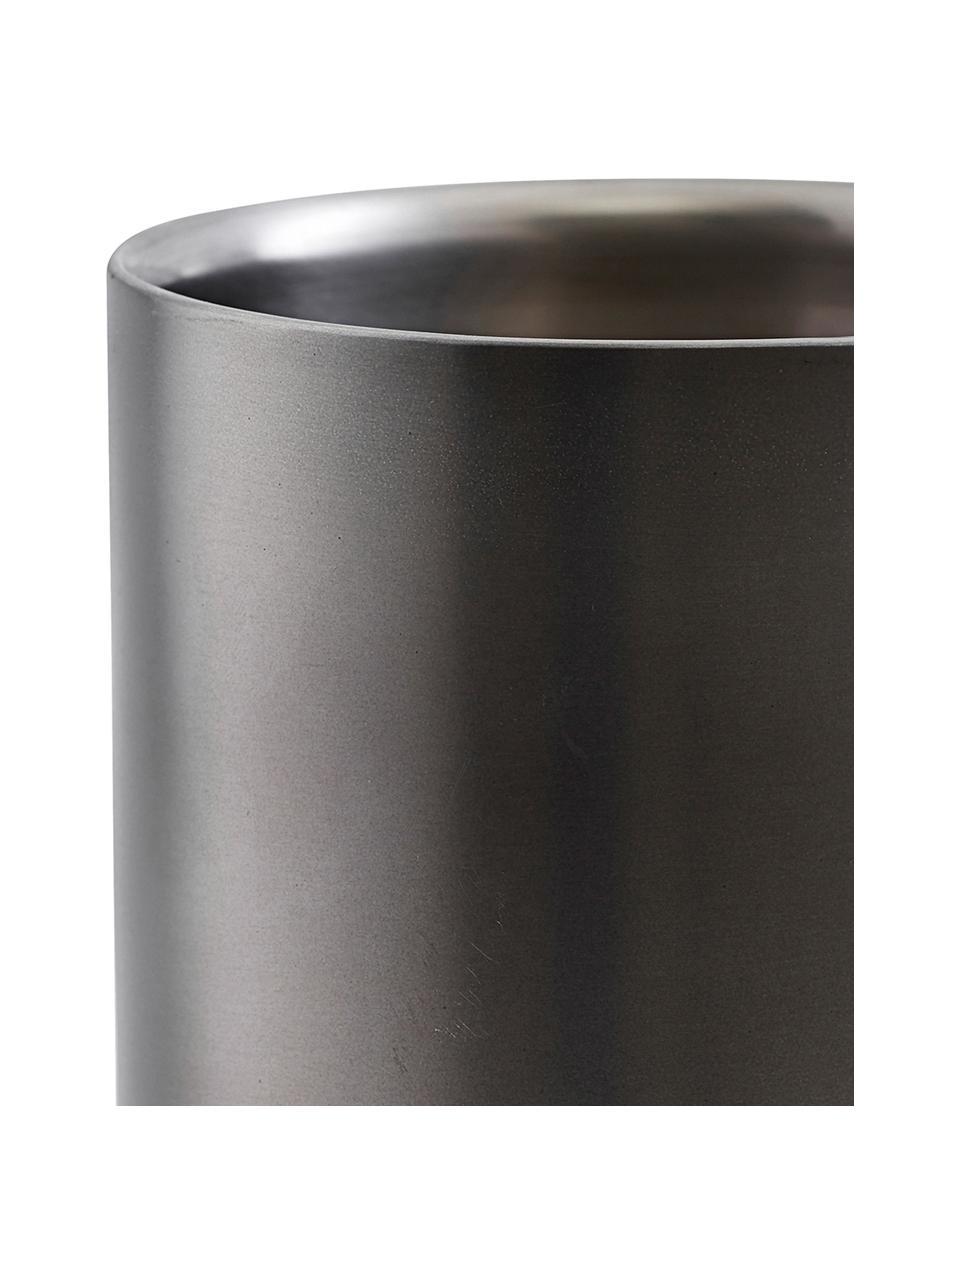 Cooler Gunmetal, Stal szlachetna, powlekana, Antracytowy, Ø 12 x W 20 cm